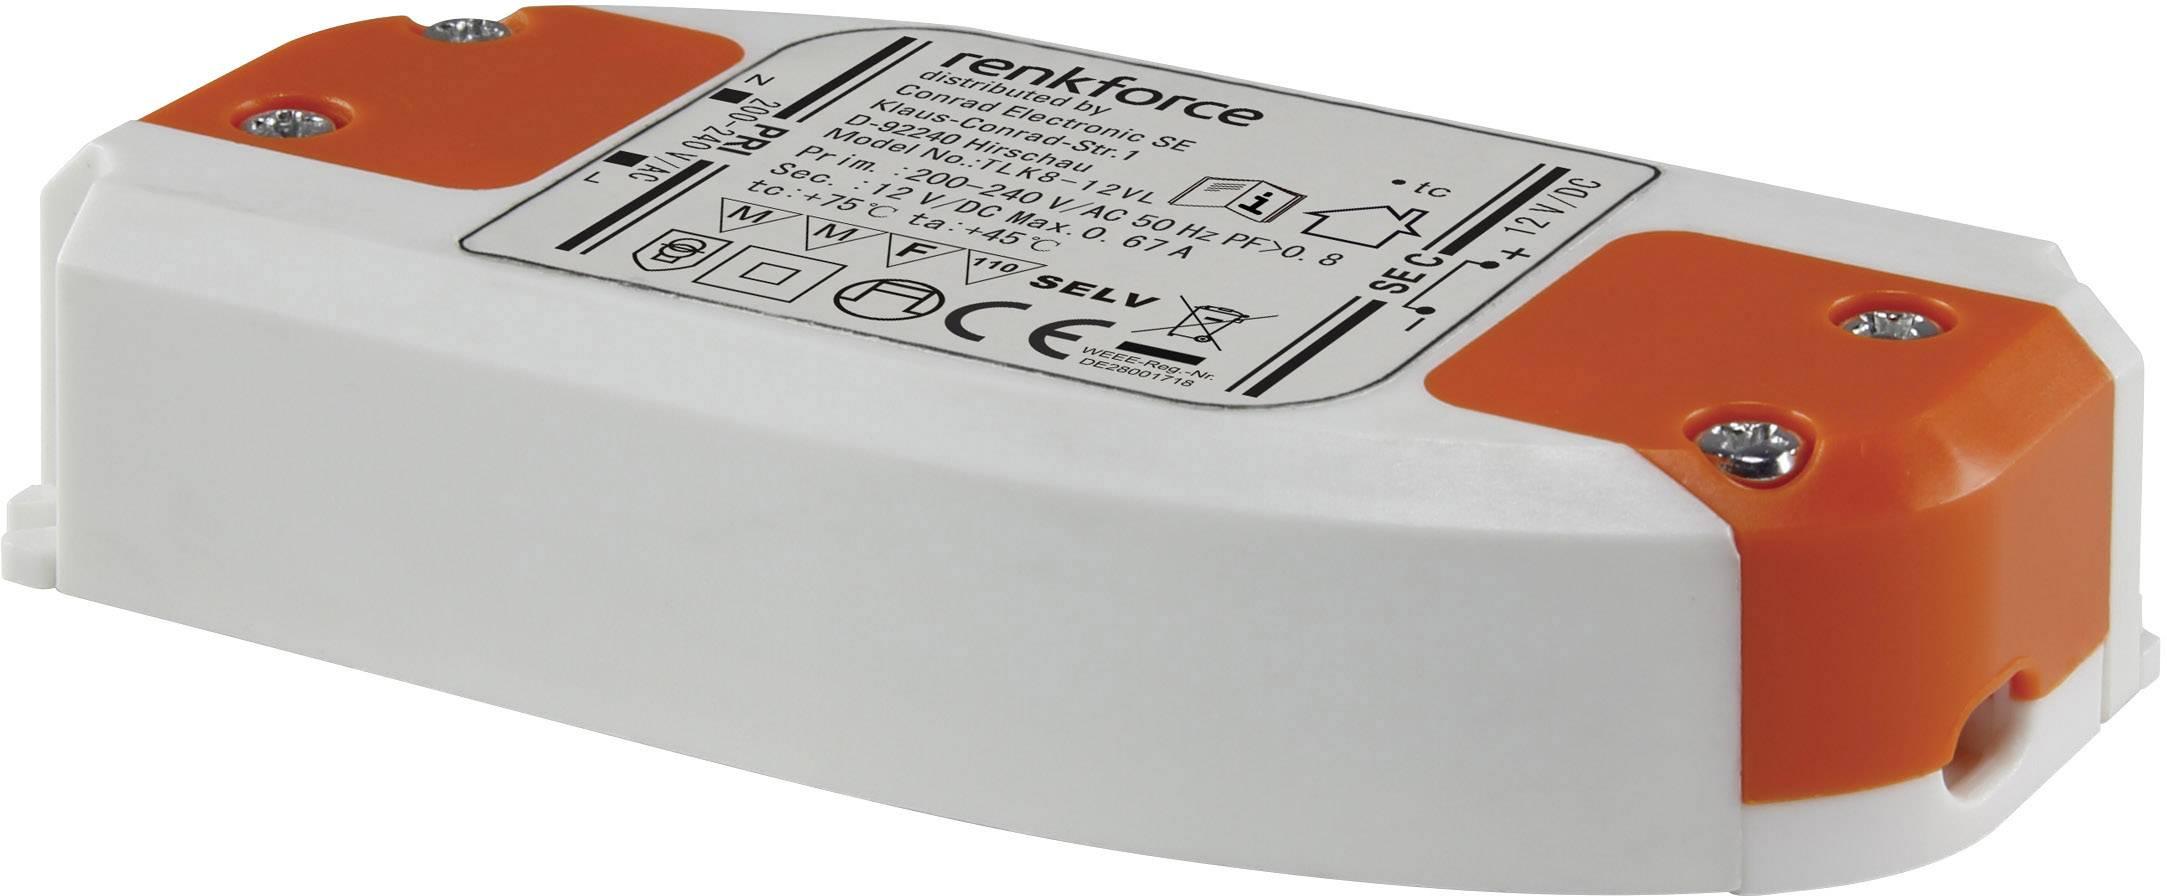 Napájací zdroj Renkforce pre LED, 0-8 W, 12 V/DC, 667 mA, biela/oranžová